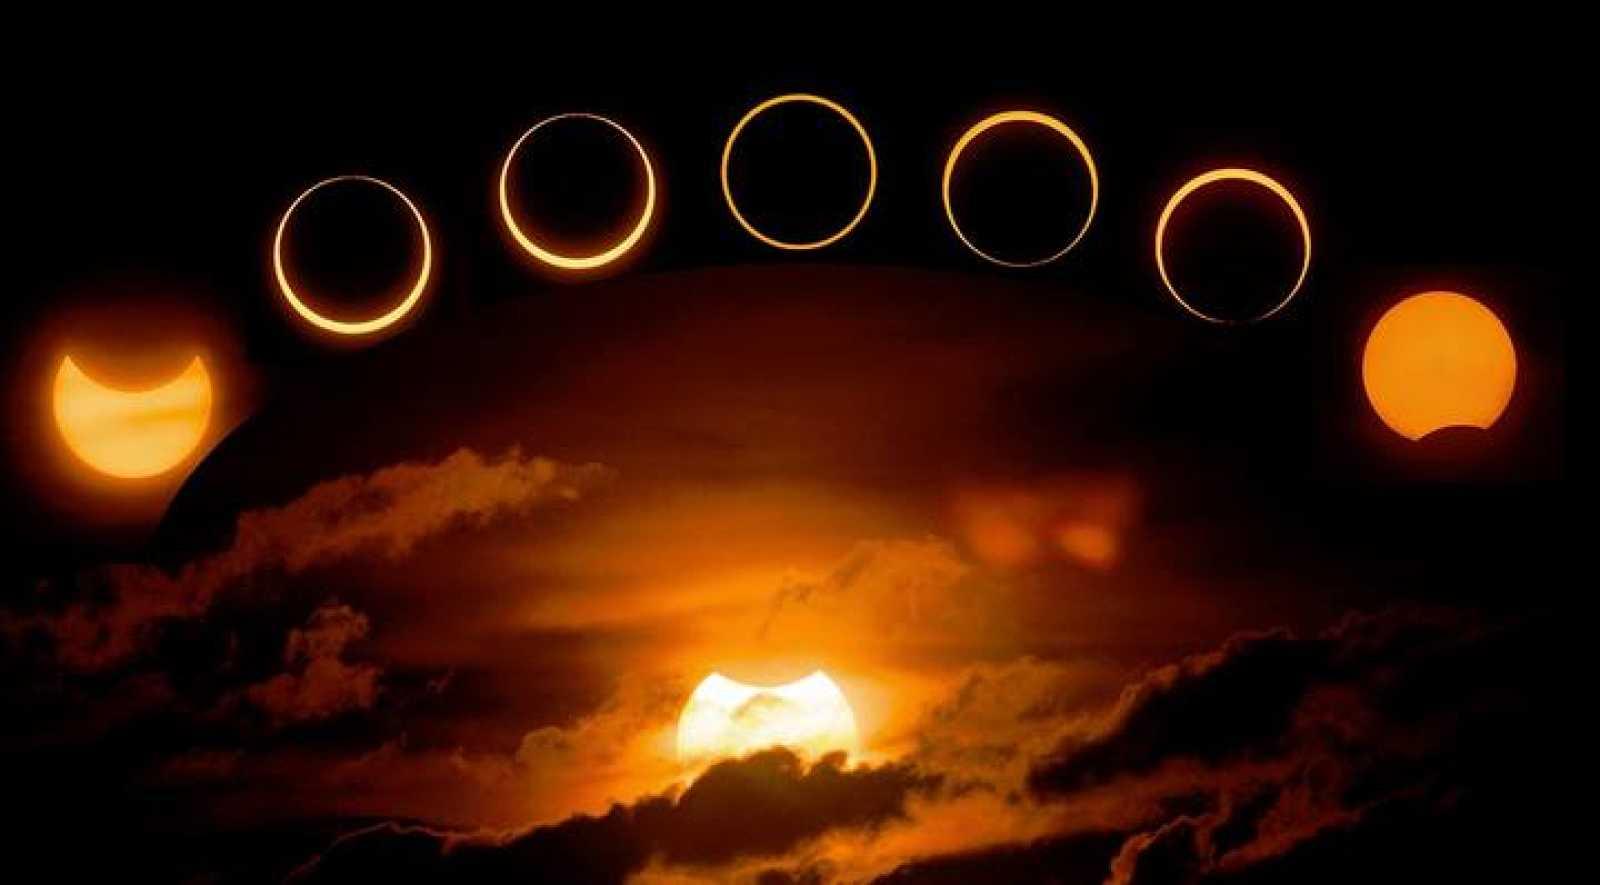 Imagen de un eclipse solar tomada en 2013 por Jay Pasachoff.